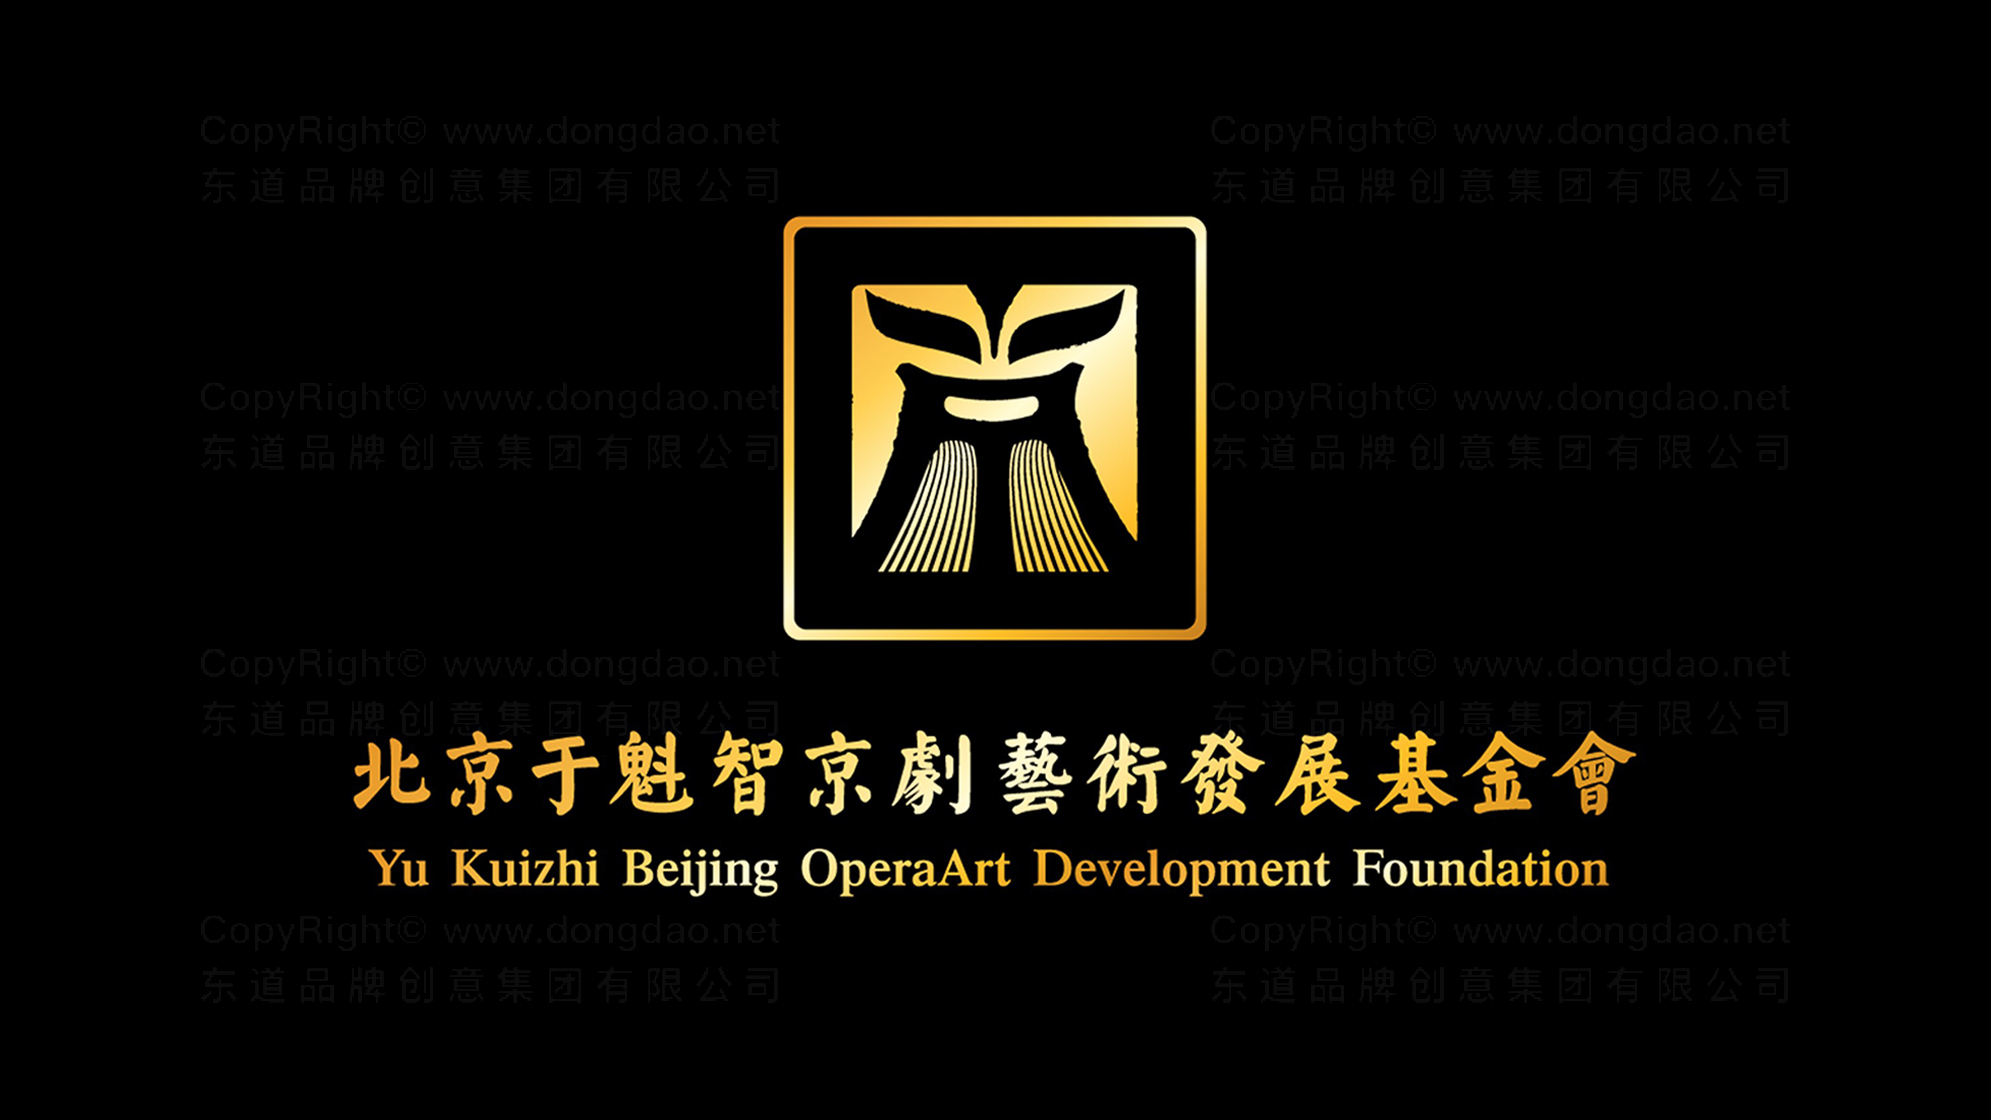 银行金融品牌设计于魁智京剧艺术发展基金会LOGO&VI设计